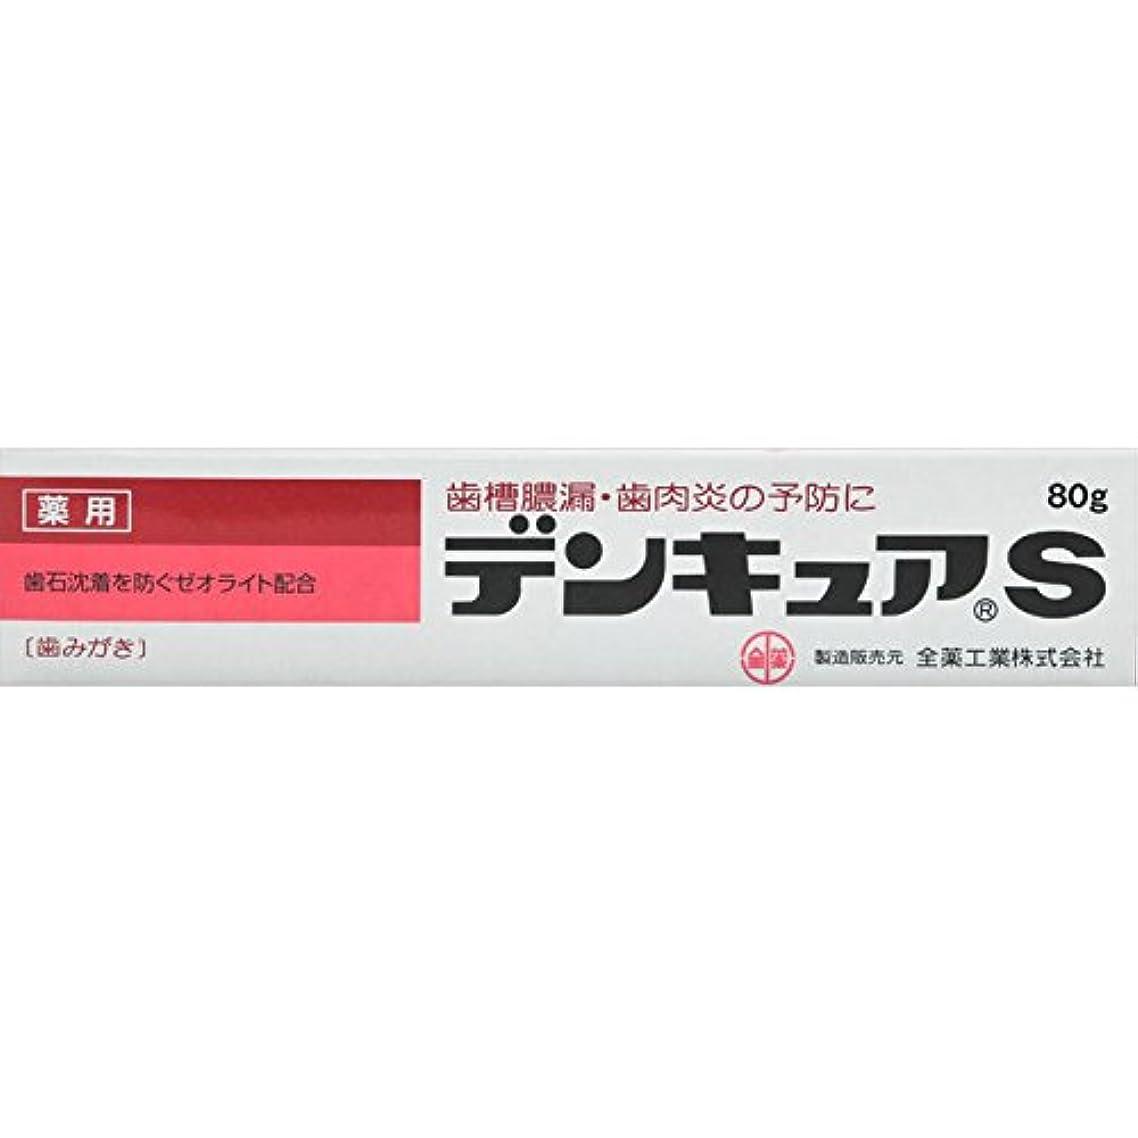 絶縁するワークショップヘクタール全薬工業 デンキュアS 80g (医薬部外品)